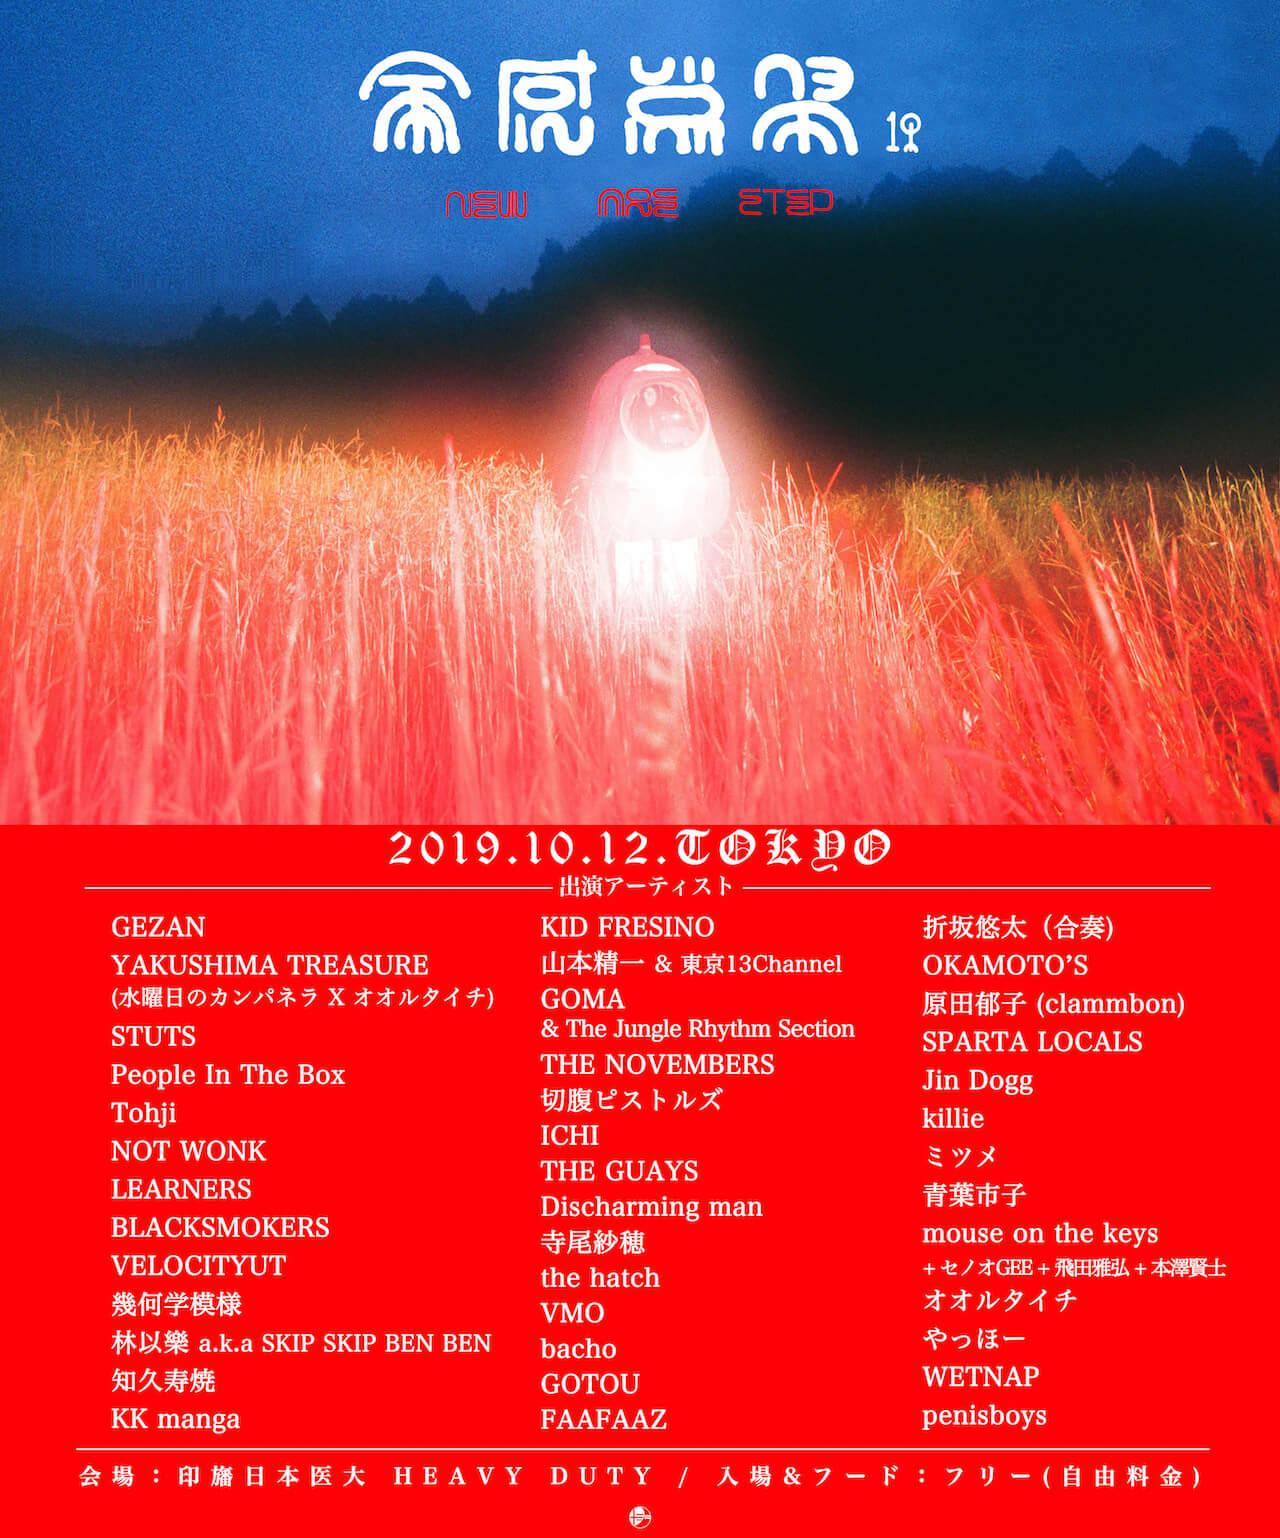 【今週末開催】GEZAN主催<全感覚祭19 -NEW AGE STEP->の最終出演者&タイム-テーブルが発表 music191008-zenkankakufes-1